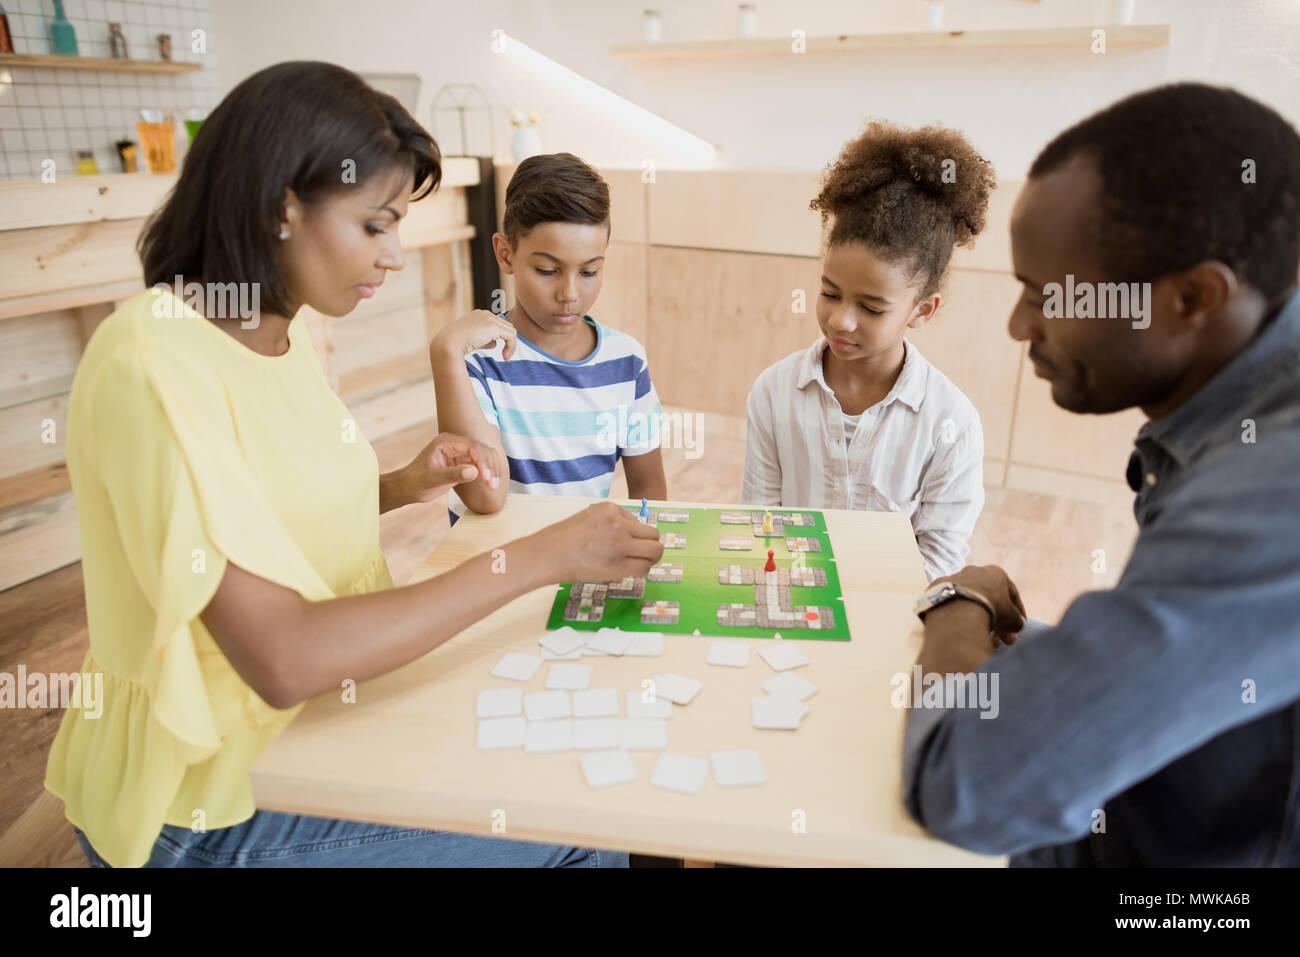 Familia Afroamericana Jugando Juego De Mesa En El Cafe Foto Imagen